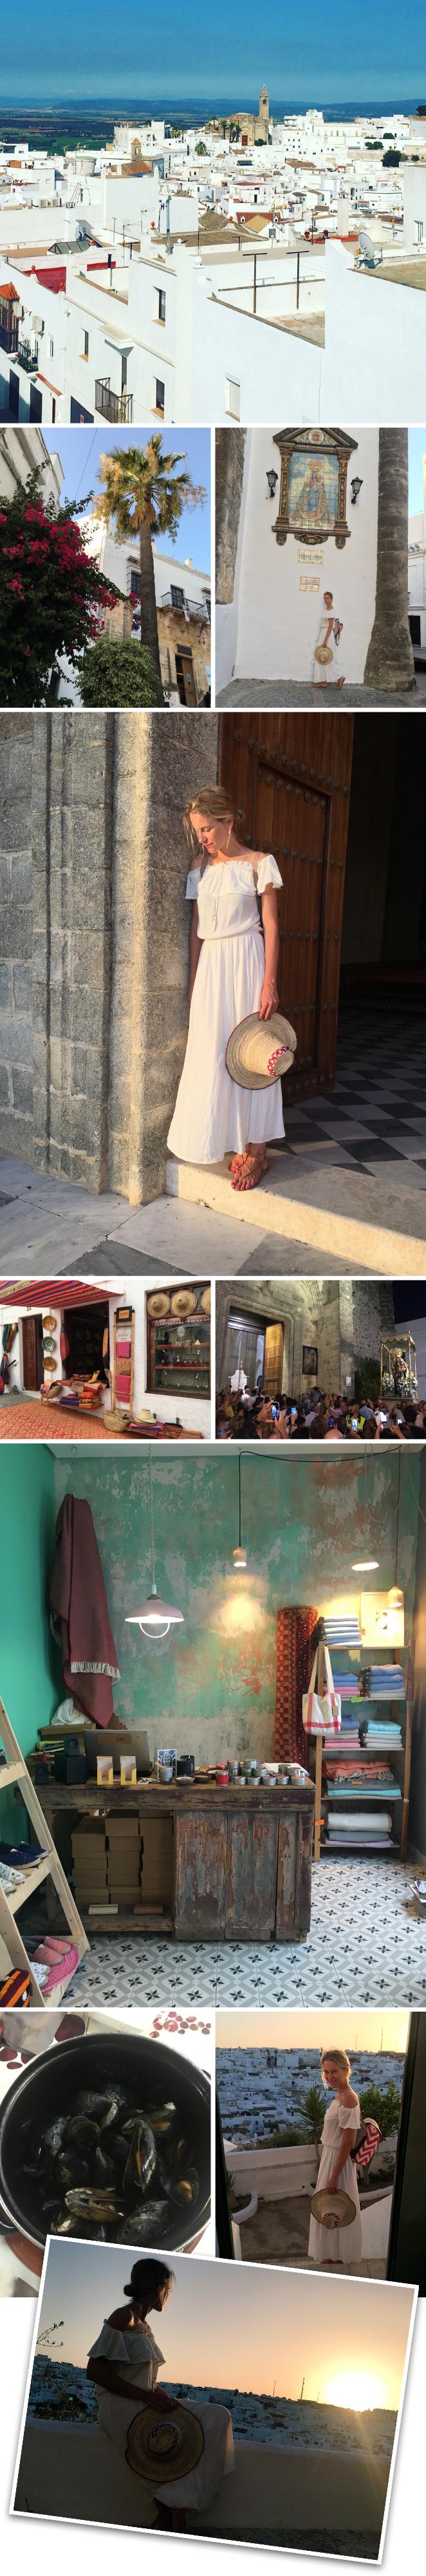 Siguiendo con esta entretenida ruta, la siguiente parada fue en Vejer de la Frontera, uno de los pueblos más bonitos de toda Andalucía. Os recomendaría ir durante la fiesta de la Virgen en Agosto, en concreto el día 12, porque todo está más animado y hay una procesión muy bonita. Hay hasta conciertos en directo por la noche de muy buen flamenco. No os perdáis las tiendecitas de la parte antigua donde veréis accesorios que marcan la diferencia y los restaurantes El Asador de Sancho (sus dueños, Damián y Pepi, son adorables!!) y El jardín de Claustro que tiene un balcón con espectaculares vistas. Si queréis dormir allí, os recomendaría el Hotel Califa, pero importante, tenéis que reservar con tiempo porque siempre está overbooking!!